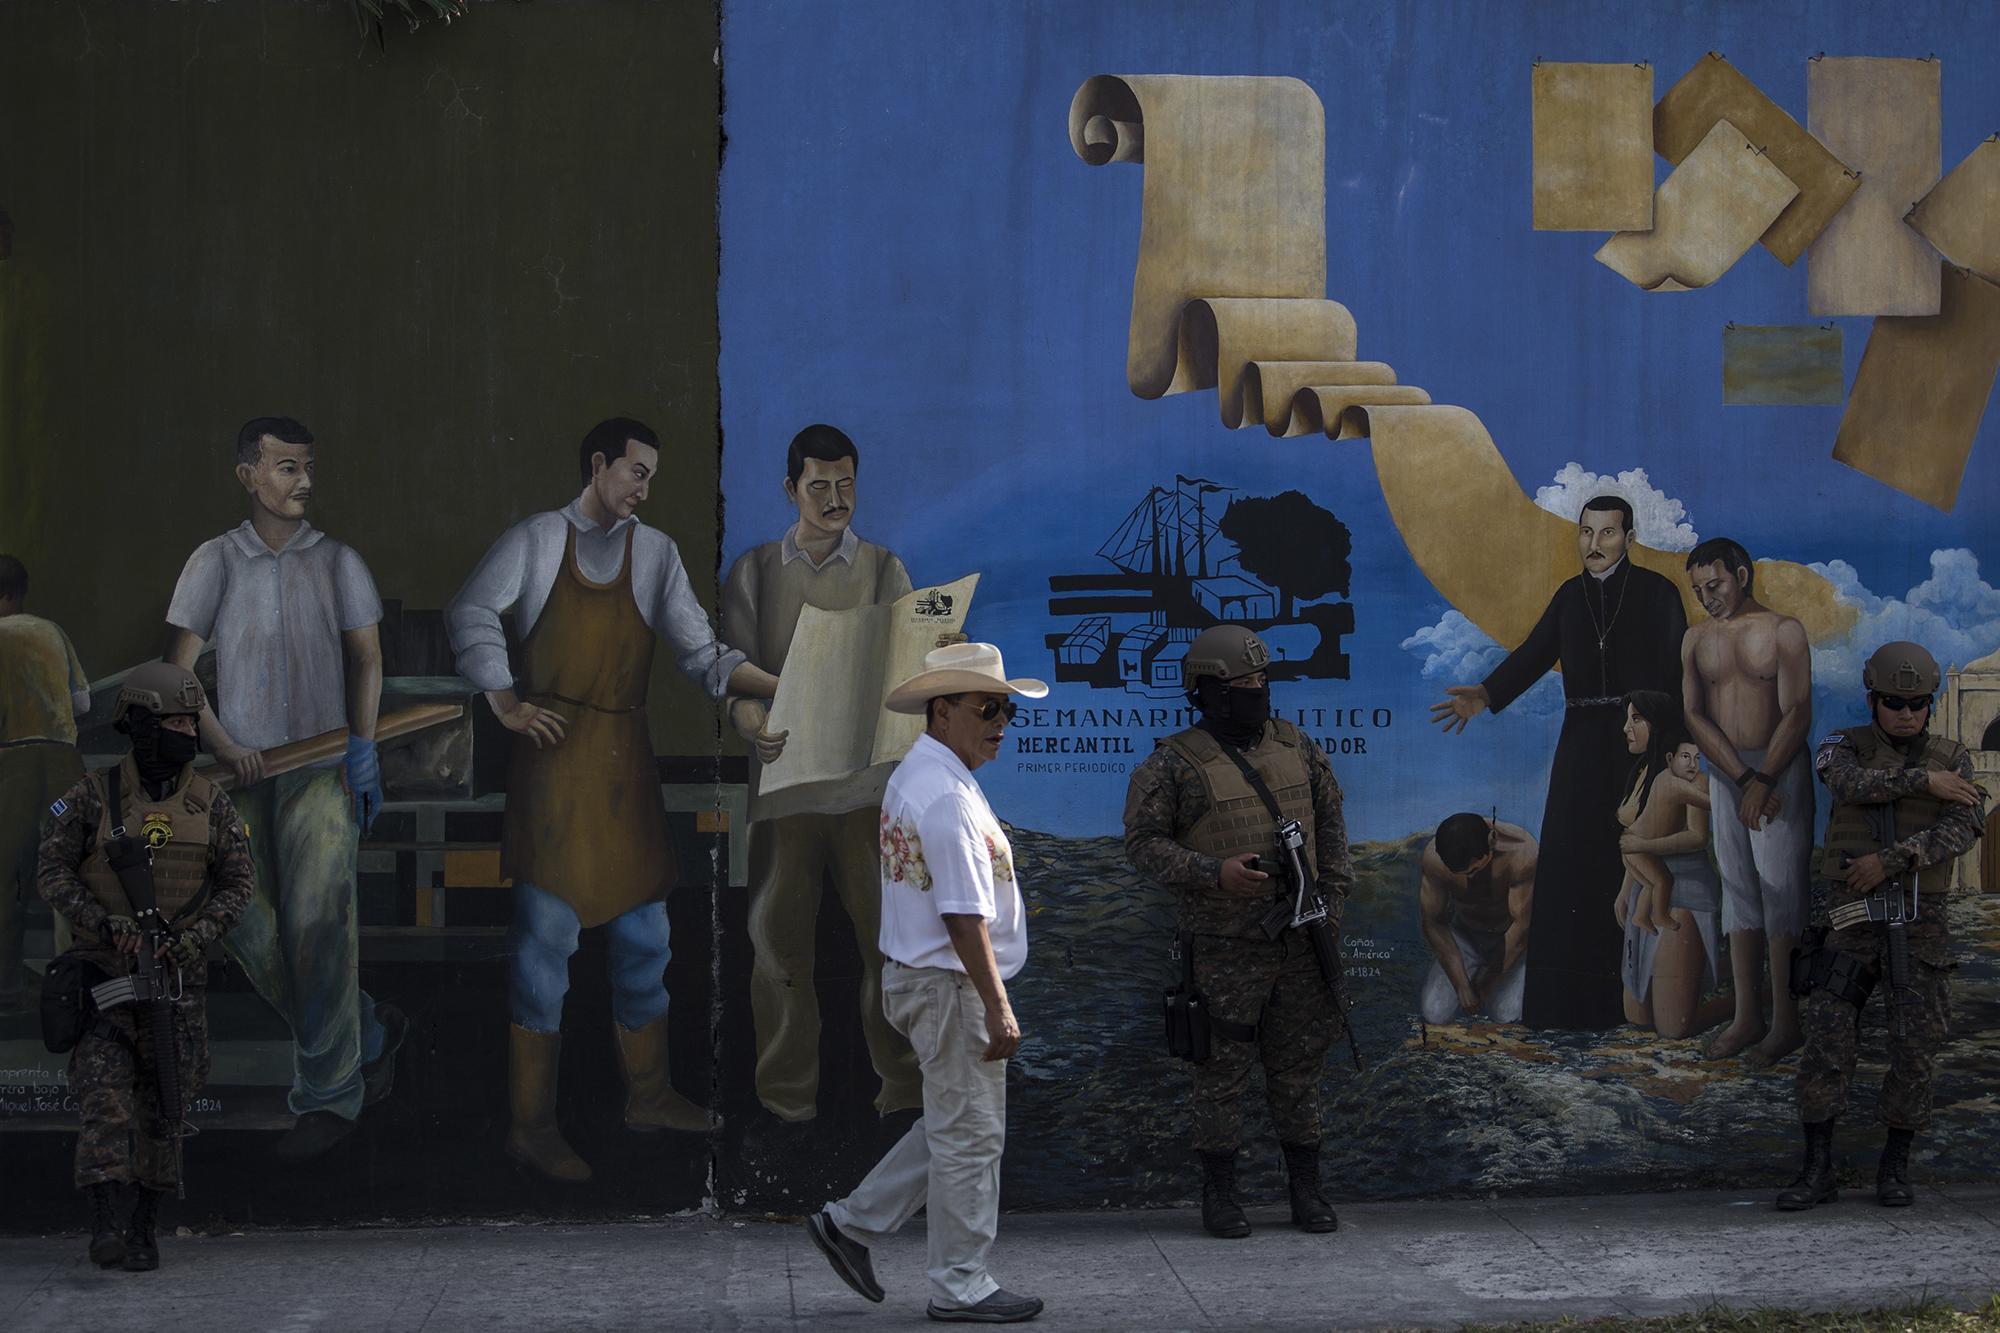 Un dispositivo militar se tomó las calles cercanas a la Asamblea Legislativa desde el sábado 8 de febrero. Decenas de soldados ya vigilaban las calles donde el presidente convocó a la población para manifestarse contra los diputados este 9 de febrero. Foto de El Faro: Víctor Peña.